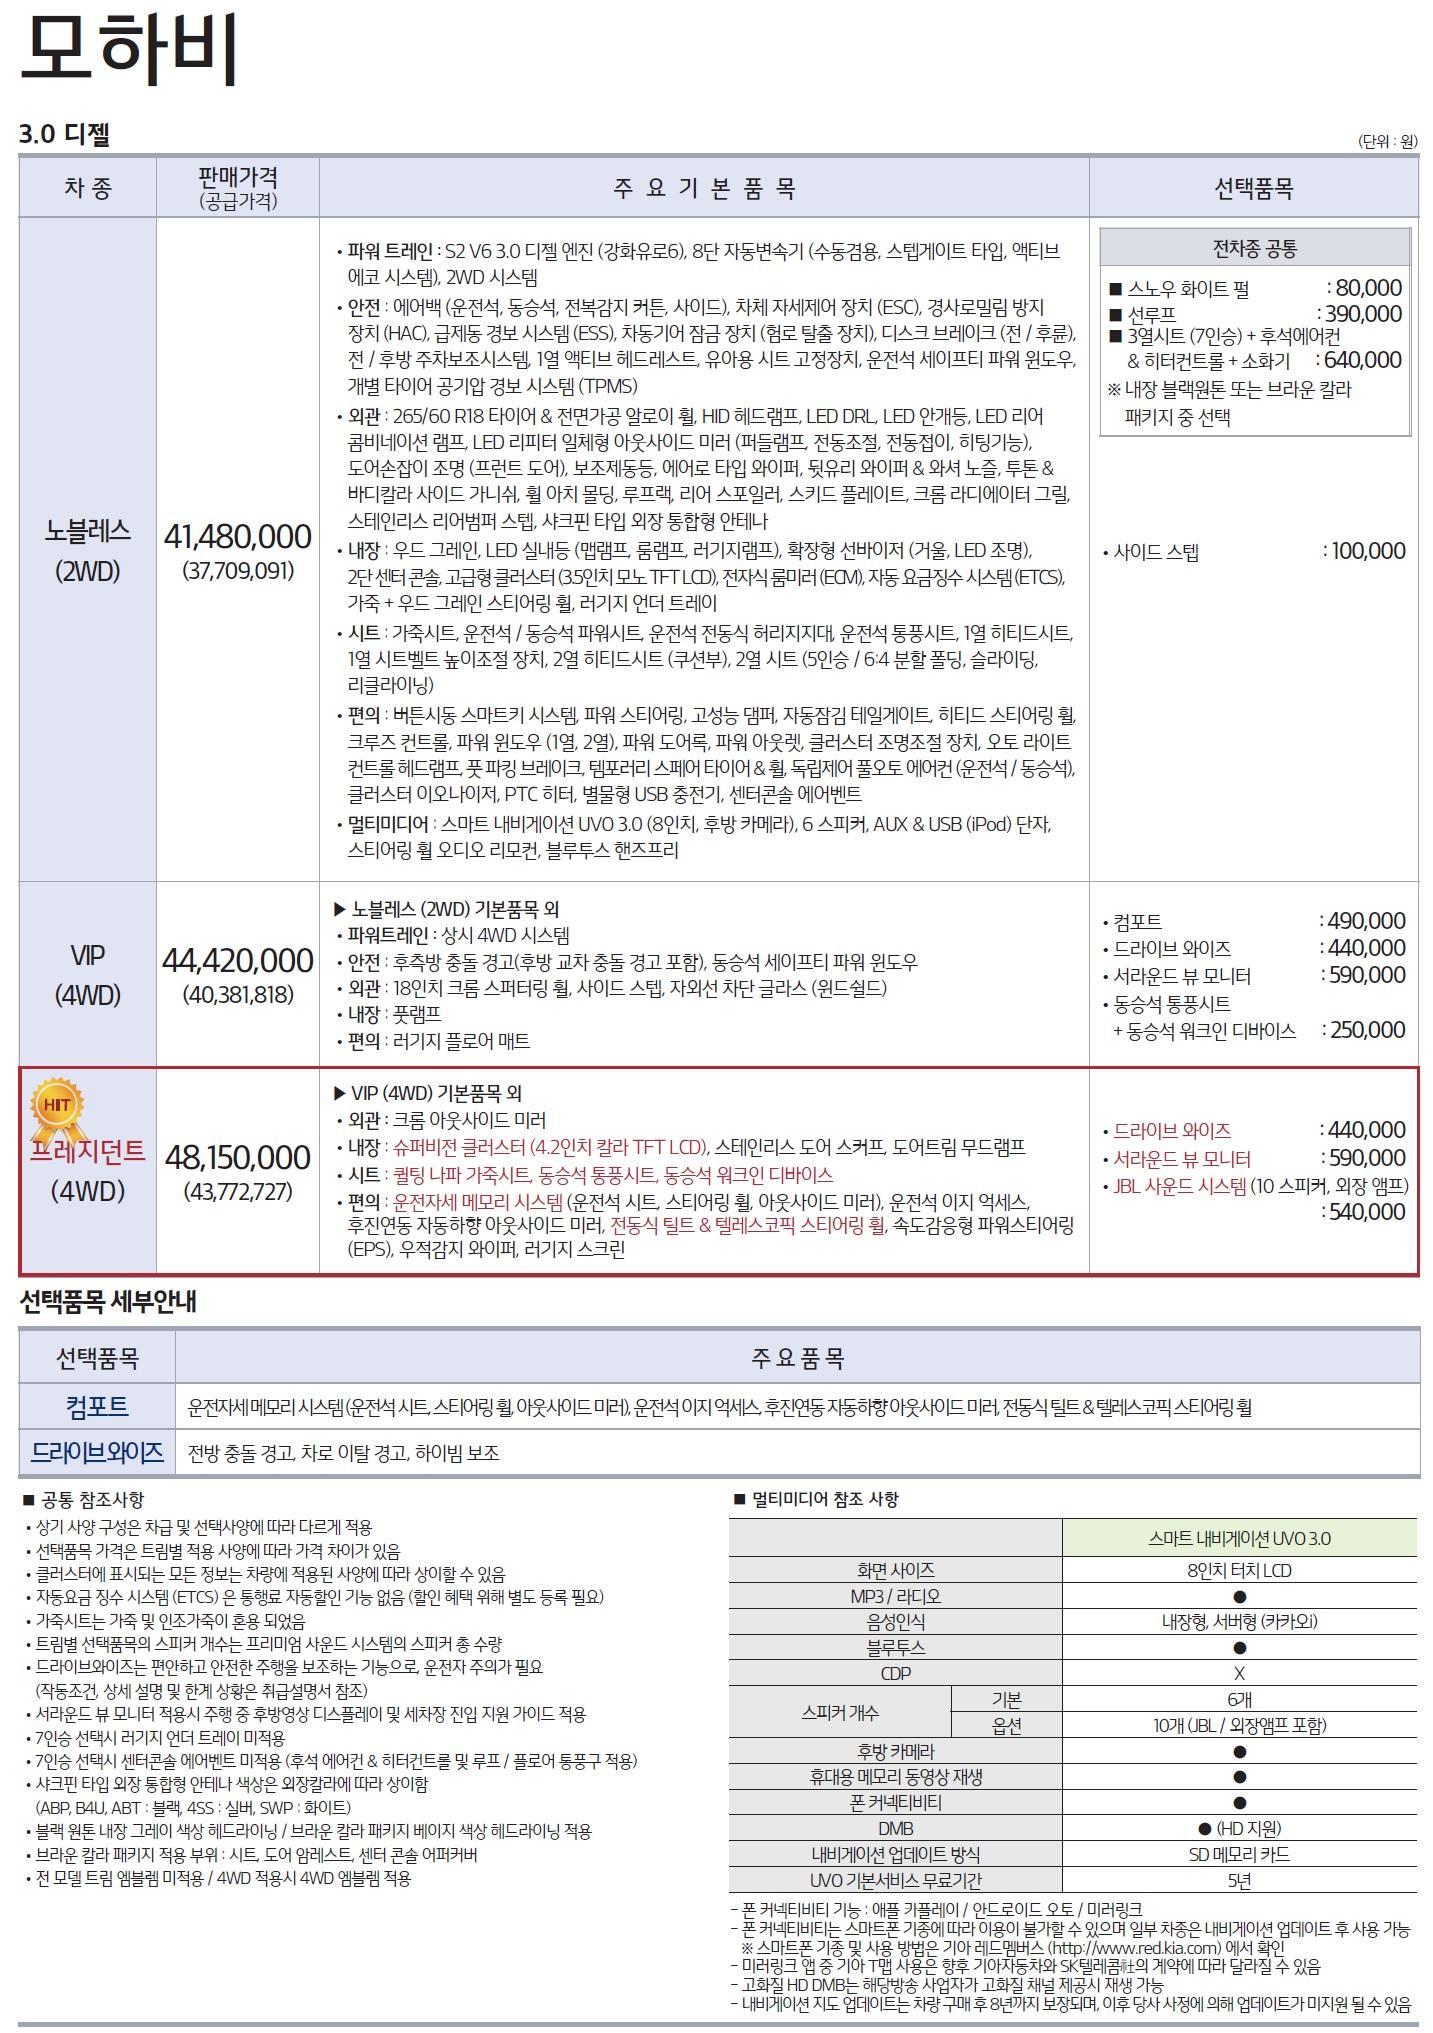 모하비 가격표 - 2019년 01월 -1.jpg